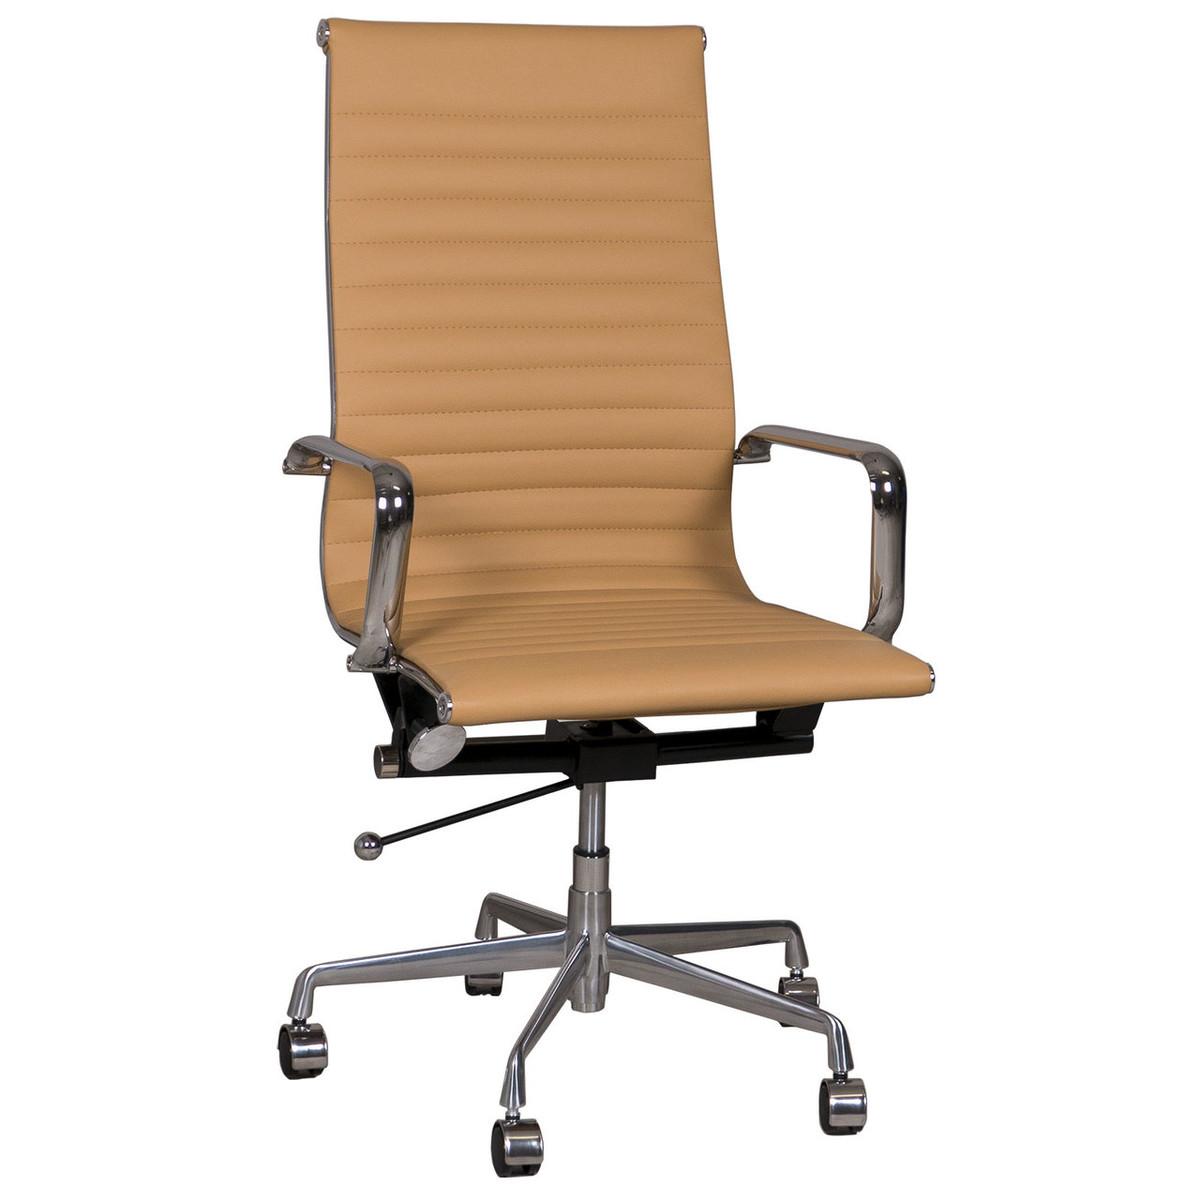 replica eames group standard aluminium chair cf. Ethan Standard Office Chair, Brown Replica Eames Group Aluminium Chair Cf A